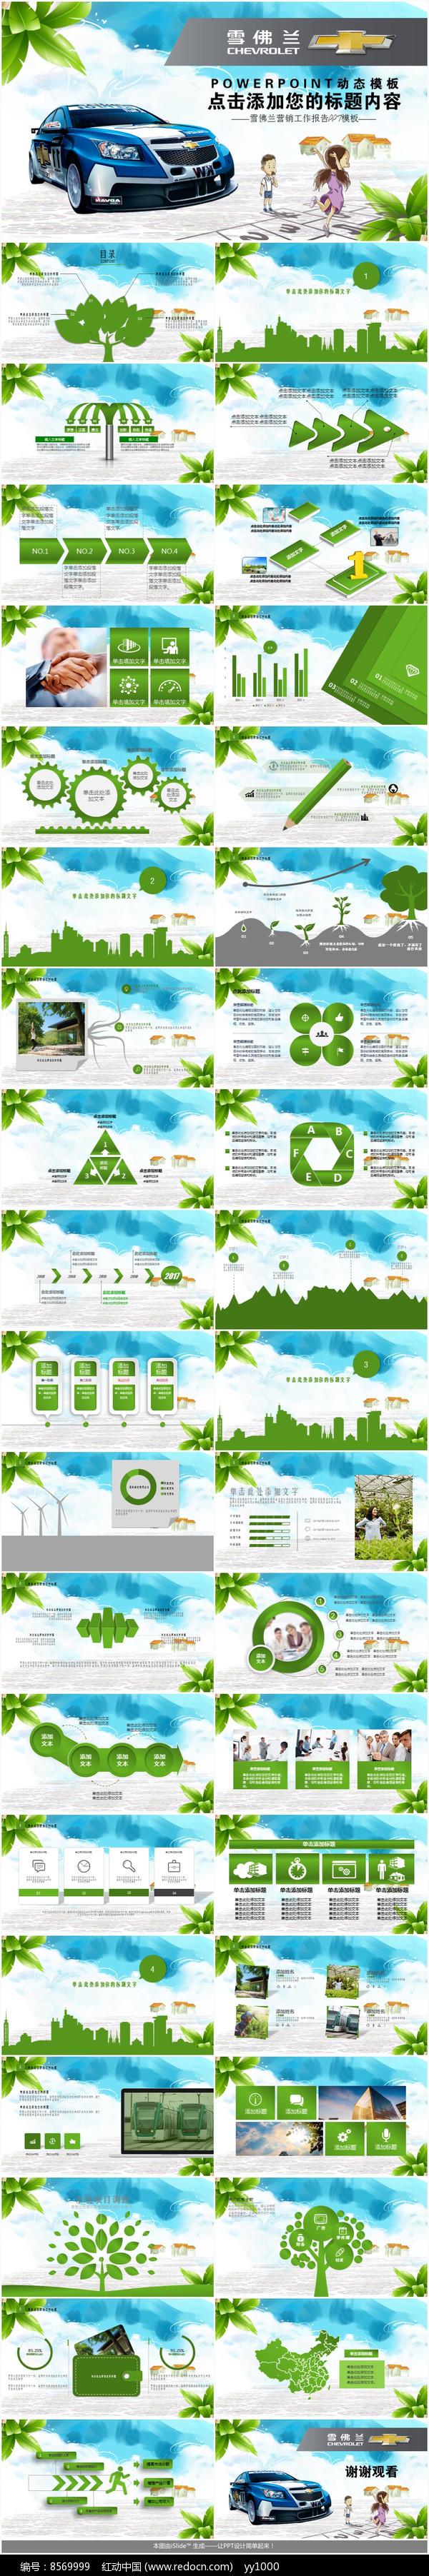 雪佛兰营销工作报告PPT模板图片